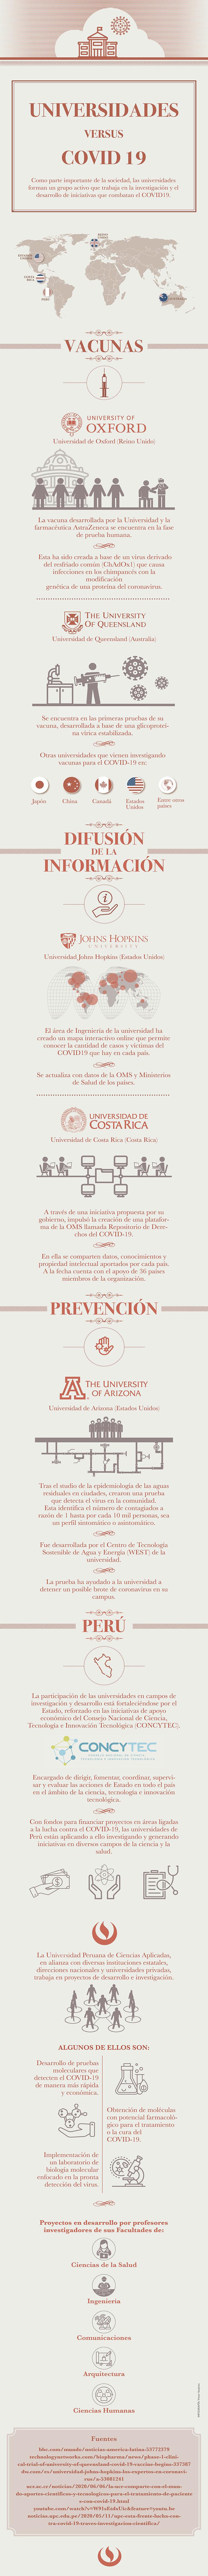 Infografía UPC – Las universidades contra el COVID-19